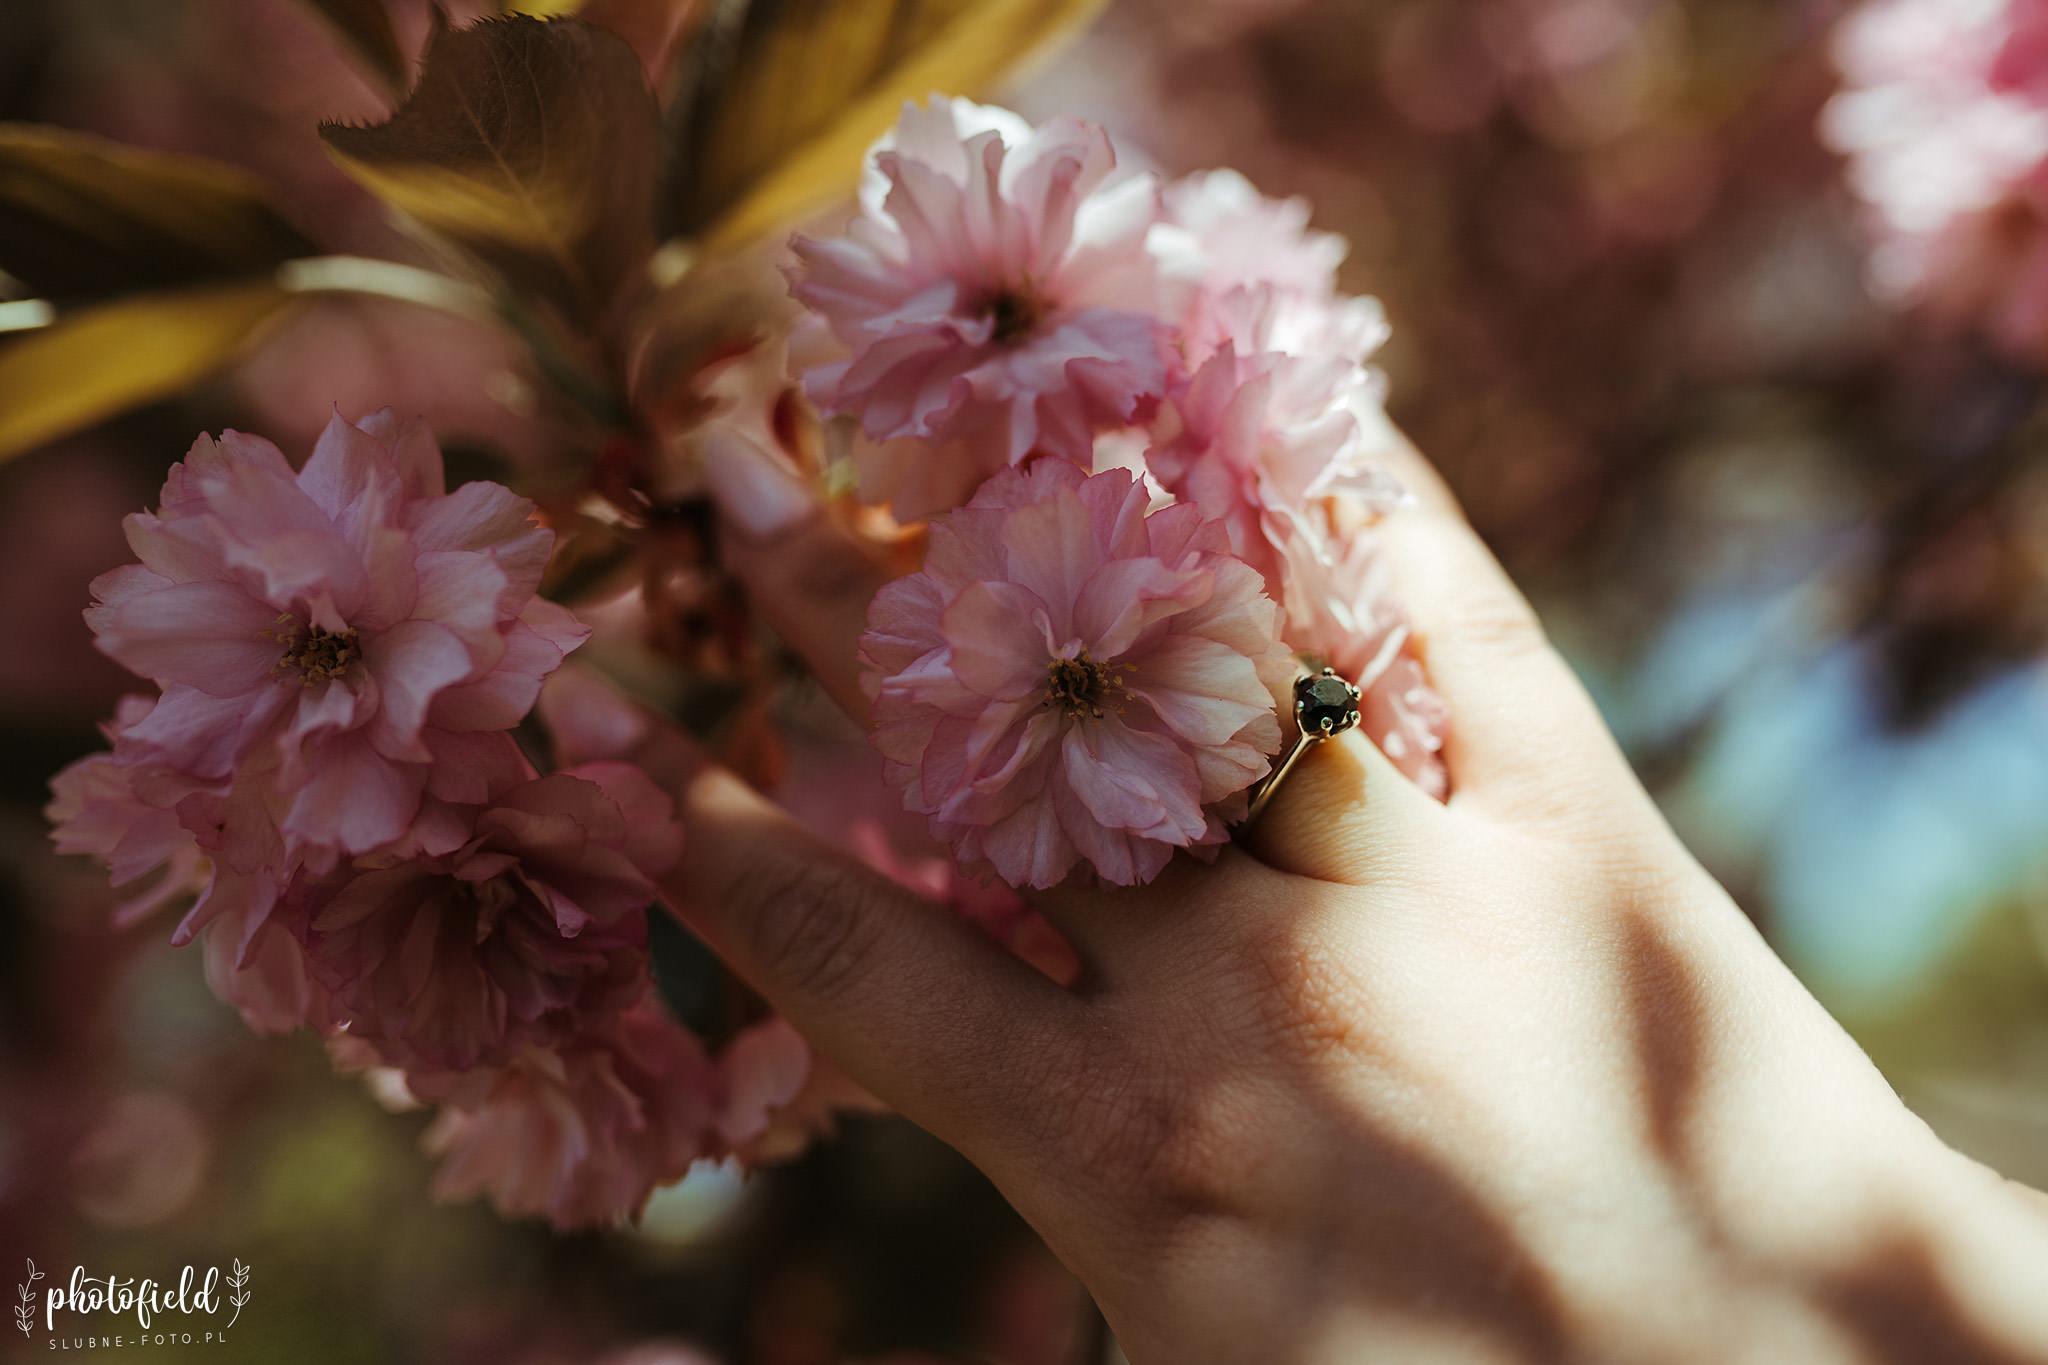 Wiosenna sesja zaręczynowa narzeczeńska - fotograf Łódź